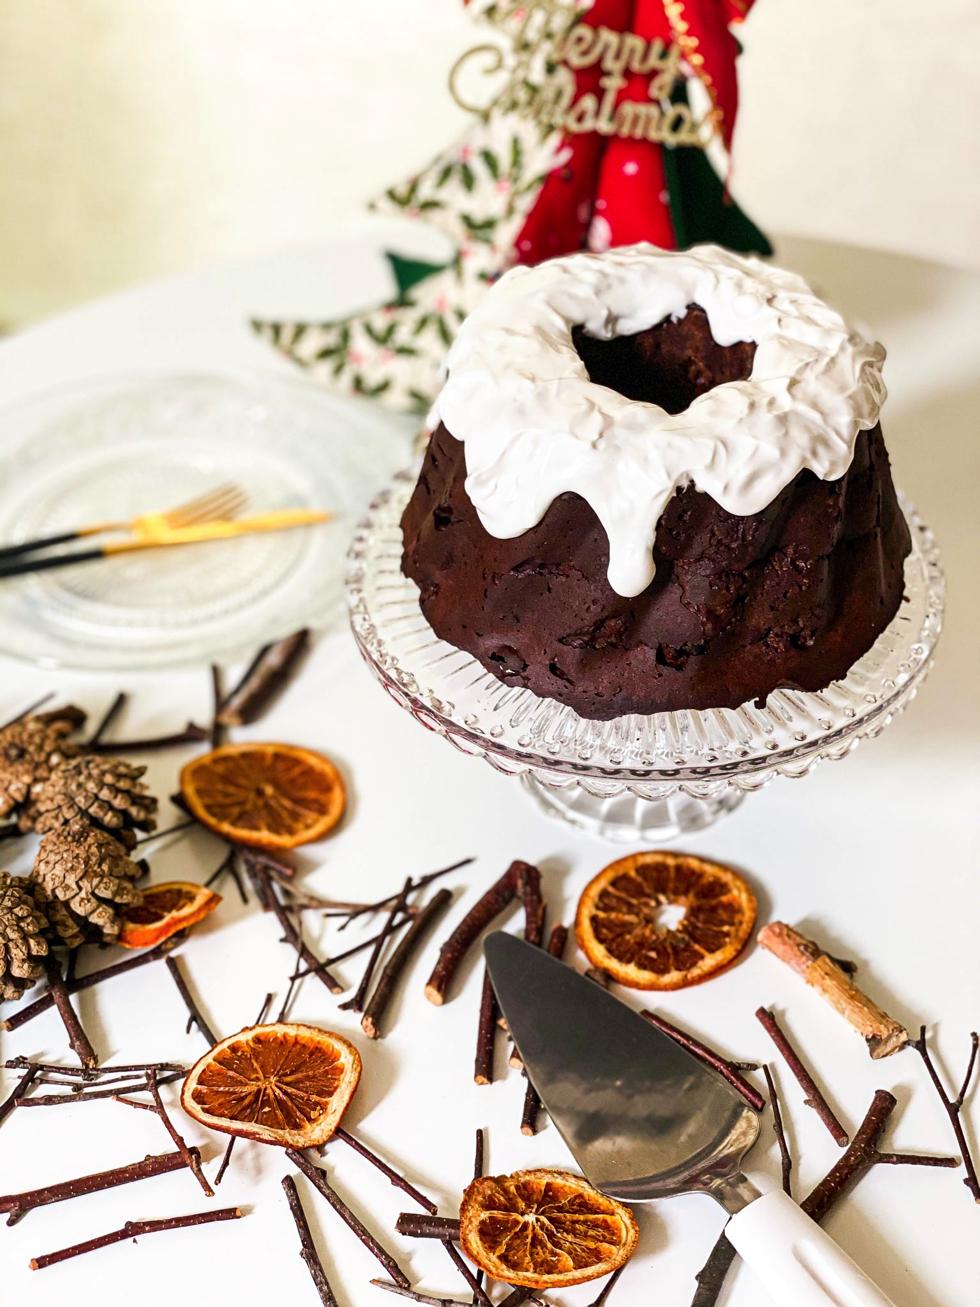 グルテンフリー ダークフルーツチョコレートケーキ レシピ